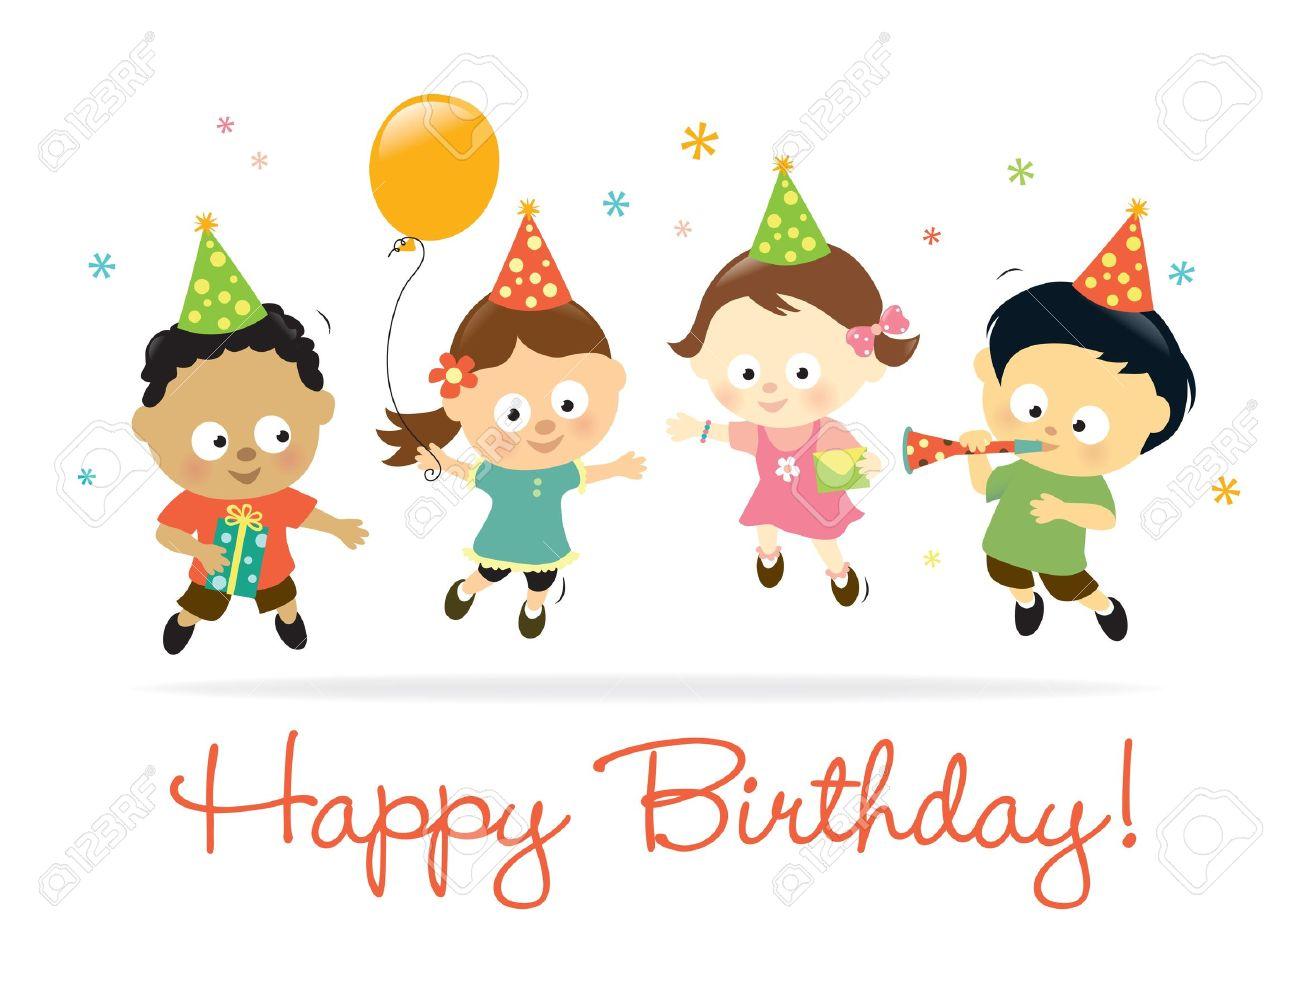 Happy Birthday kids.